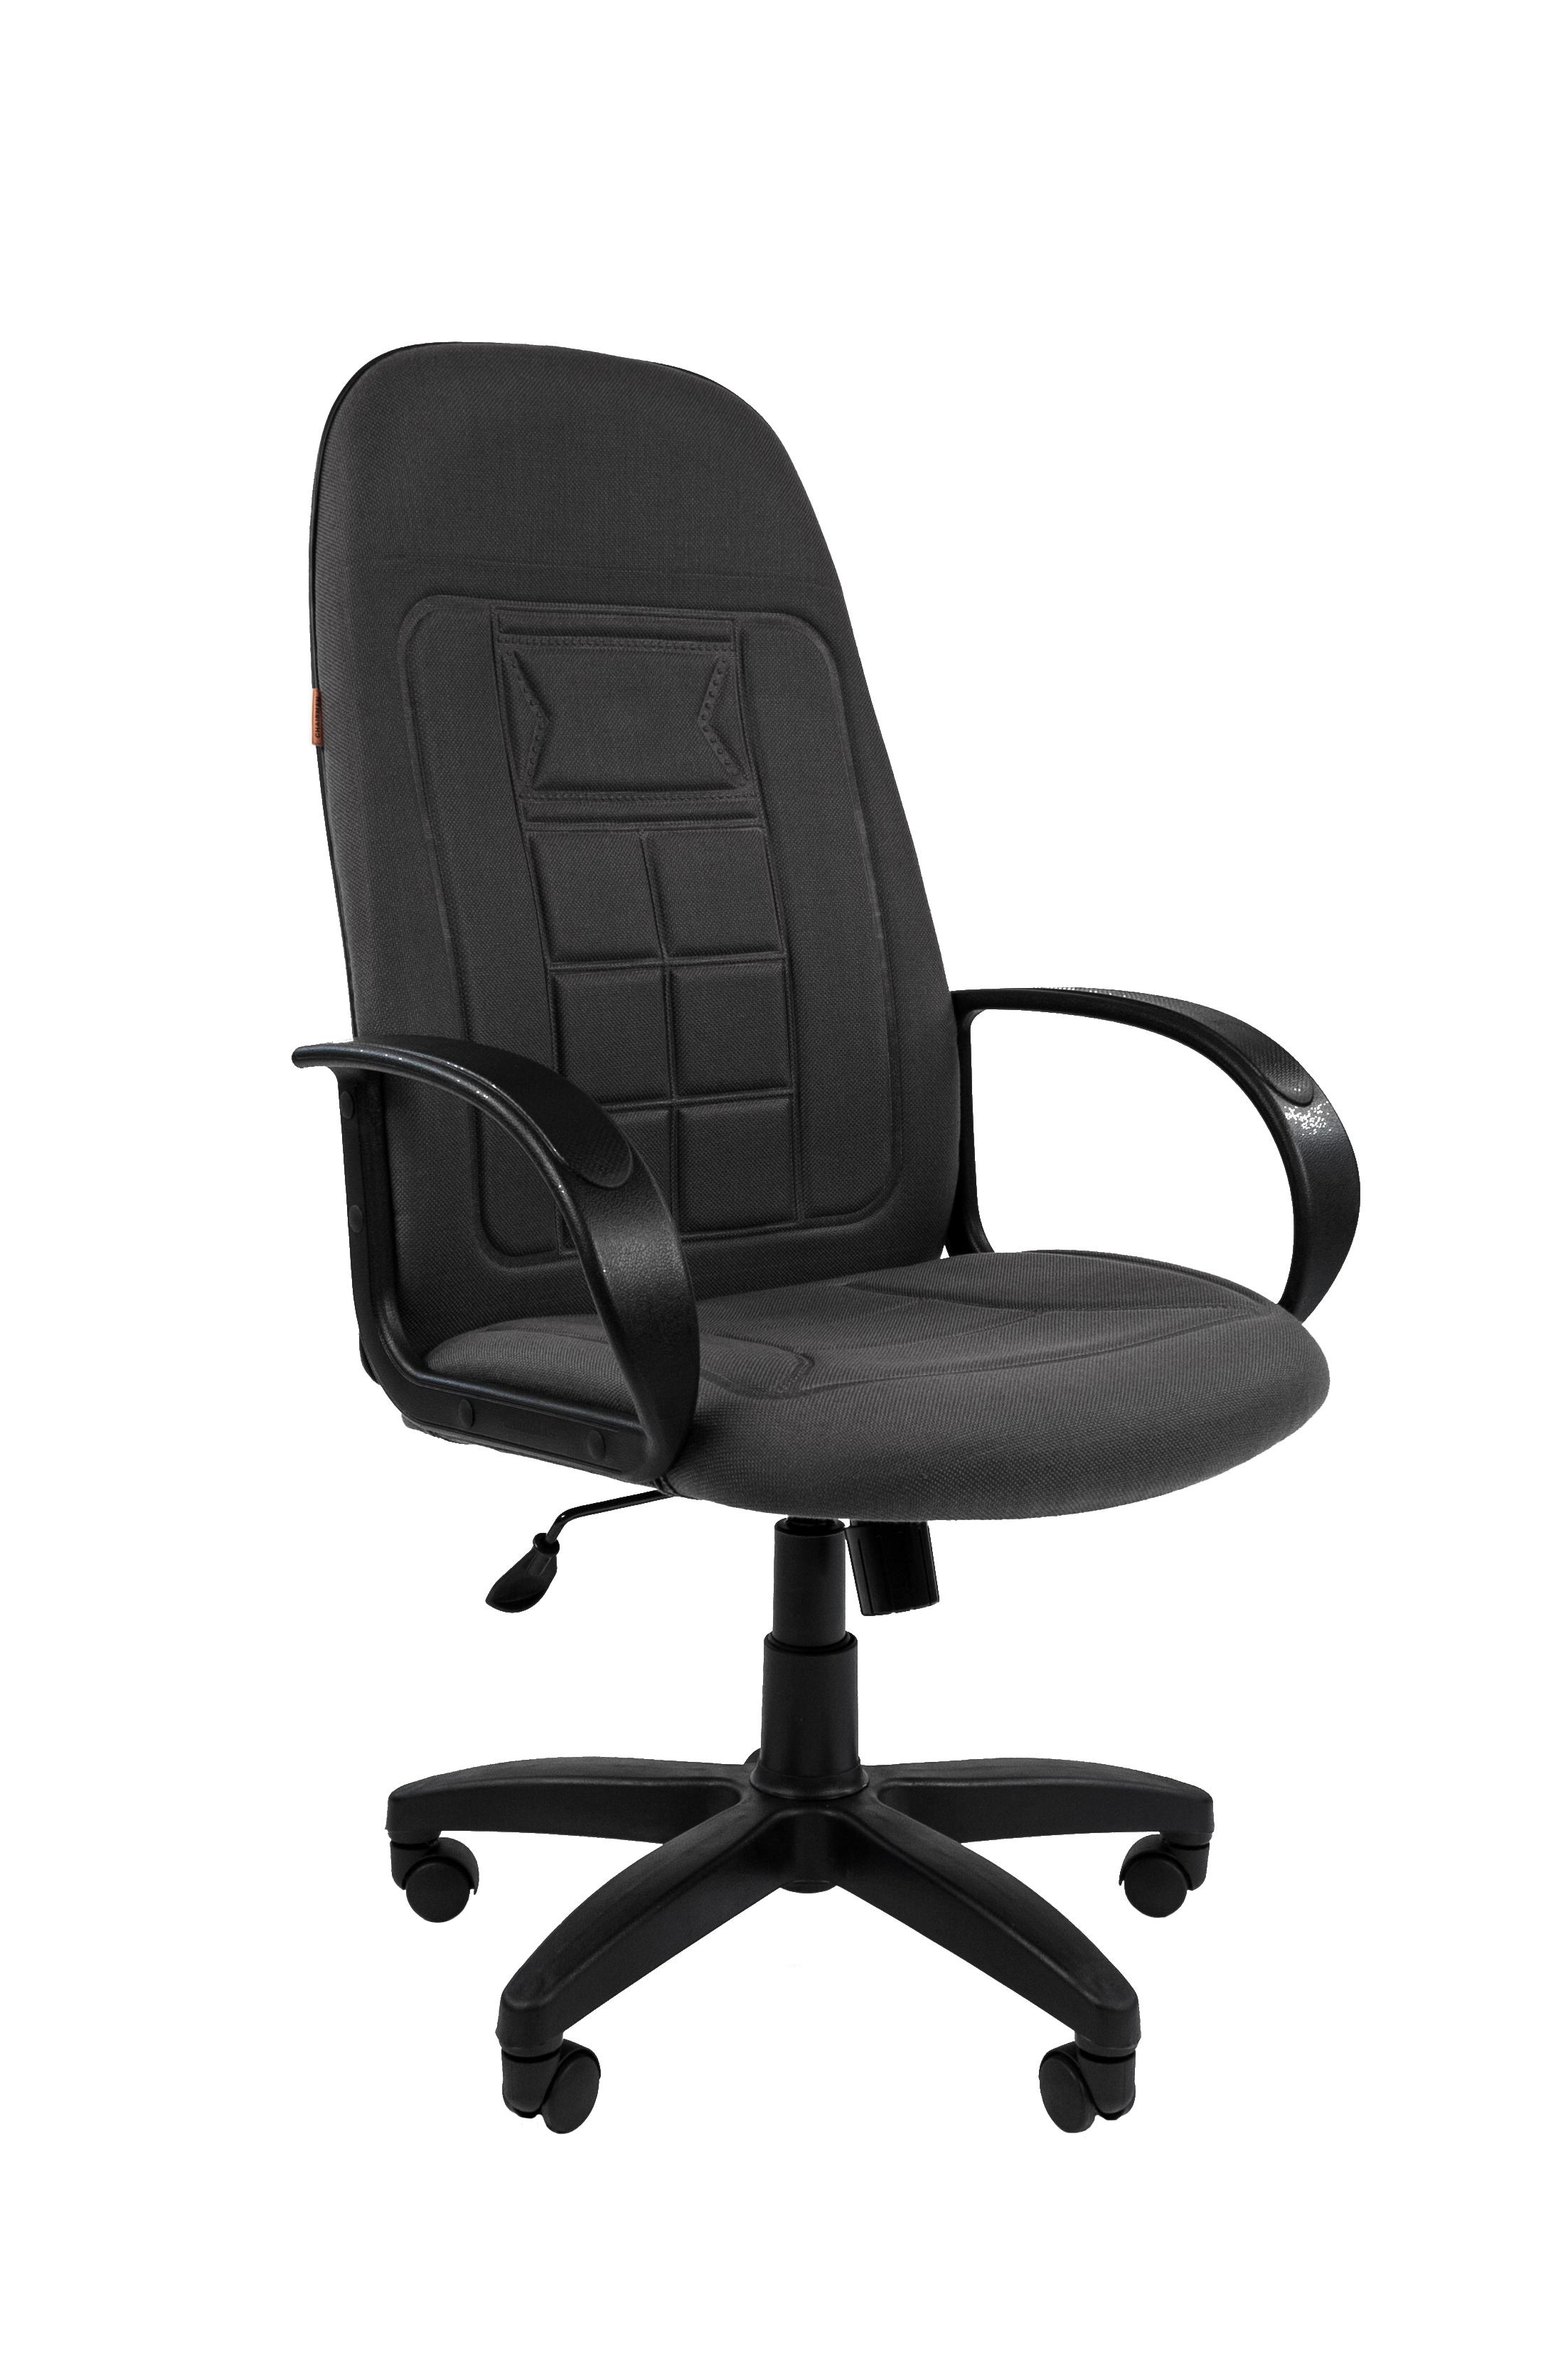 Компьютерное кресло CHAIRMAN 7271095994Кресло традиционной формы, но с ярким, нестандартным рисунком обивки. Рисунок - трехмерный, нанесенный методом термоклиширования, что придает креслу настоящую оригинальность и самобытность.